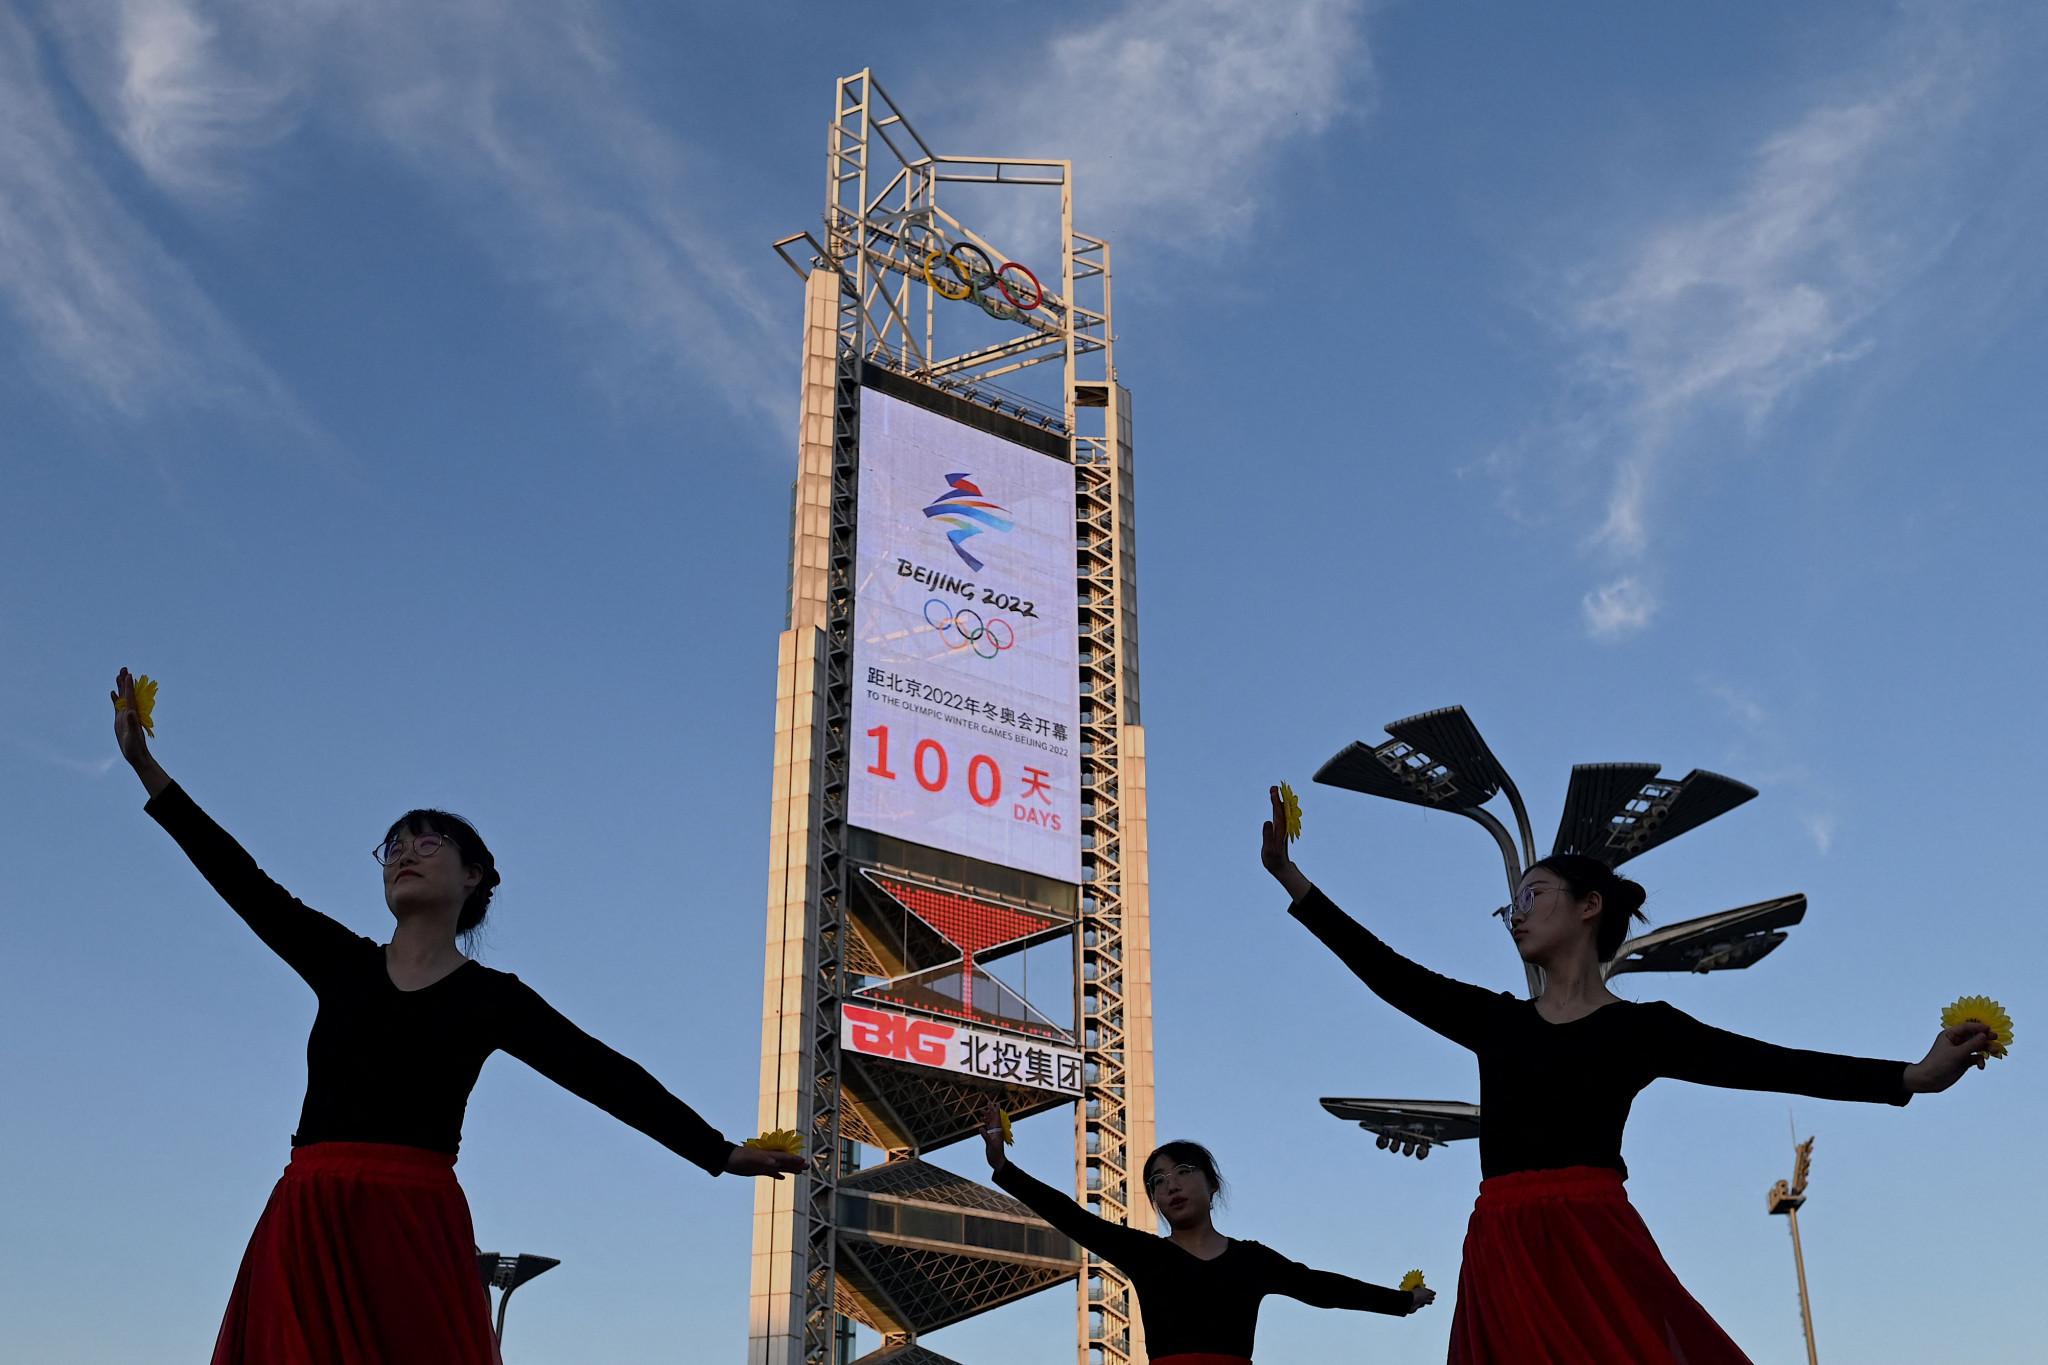 Concert marks 100 days until Beijing 2022